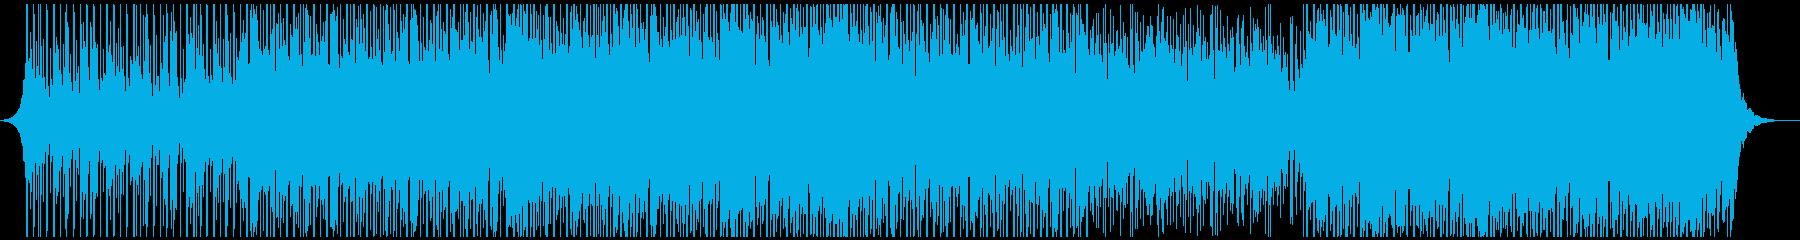 成功するの再生済みの波形